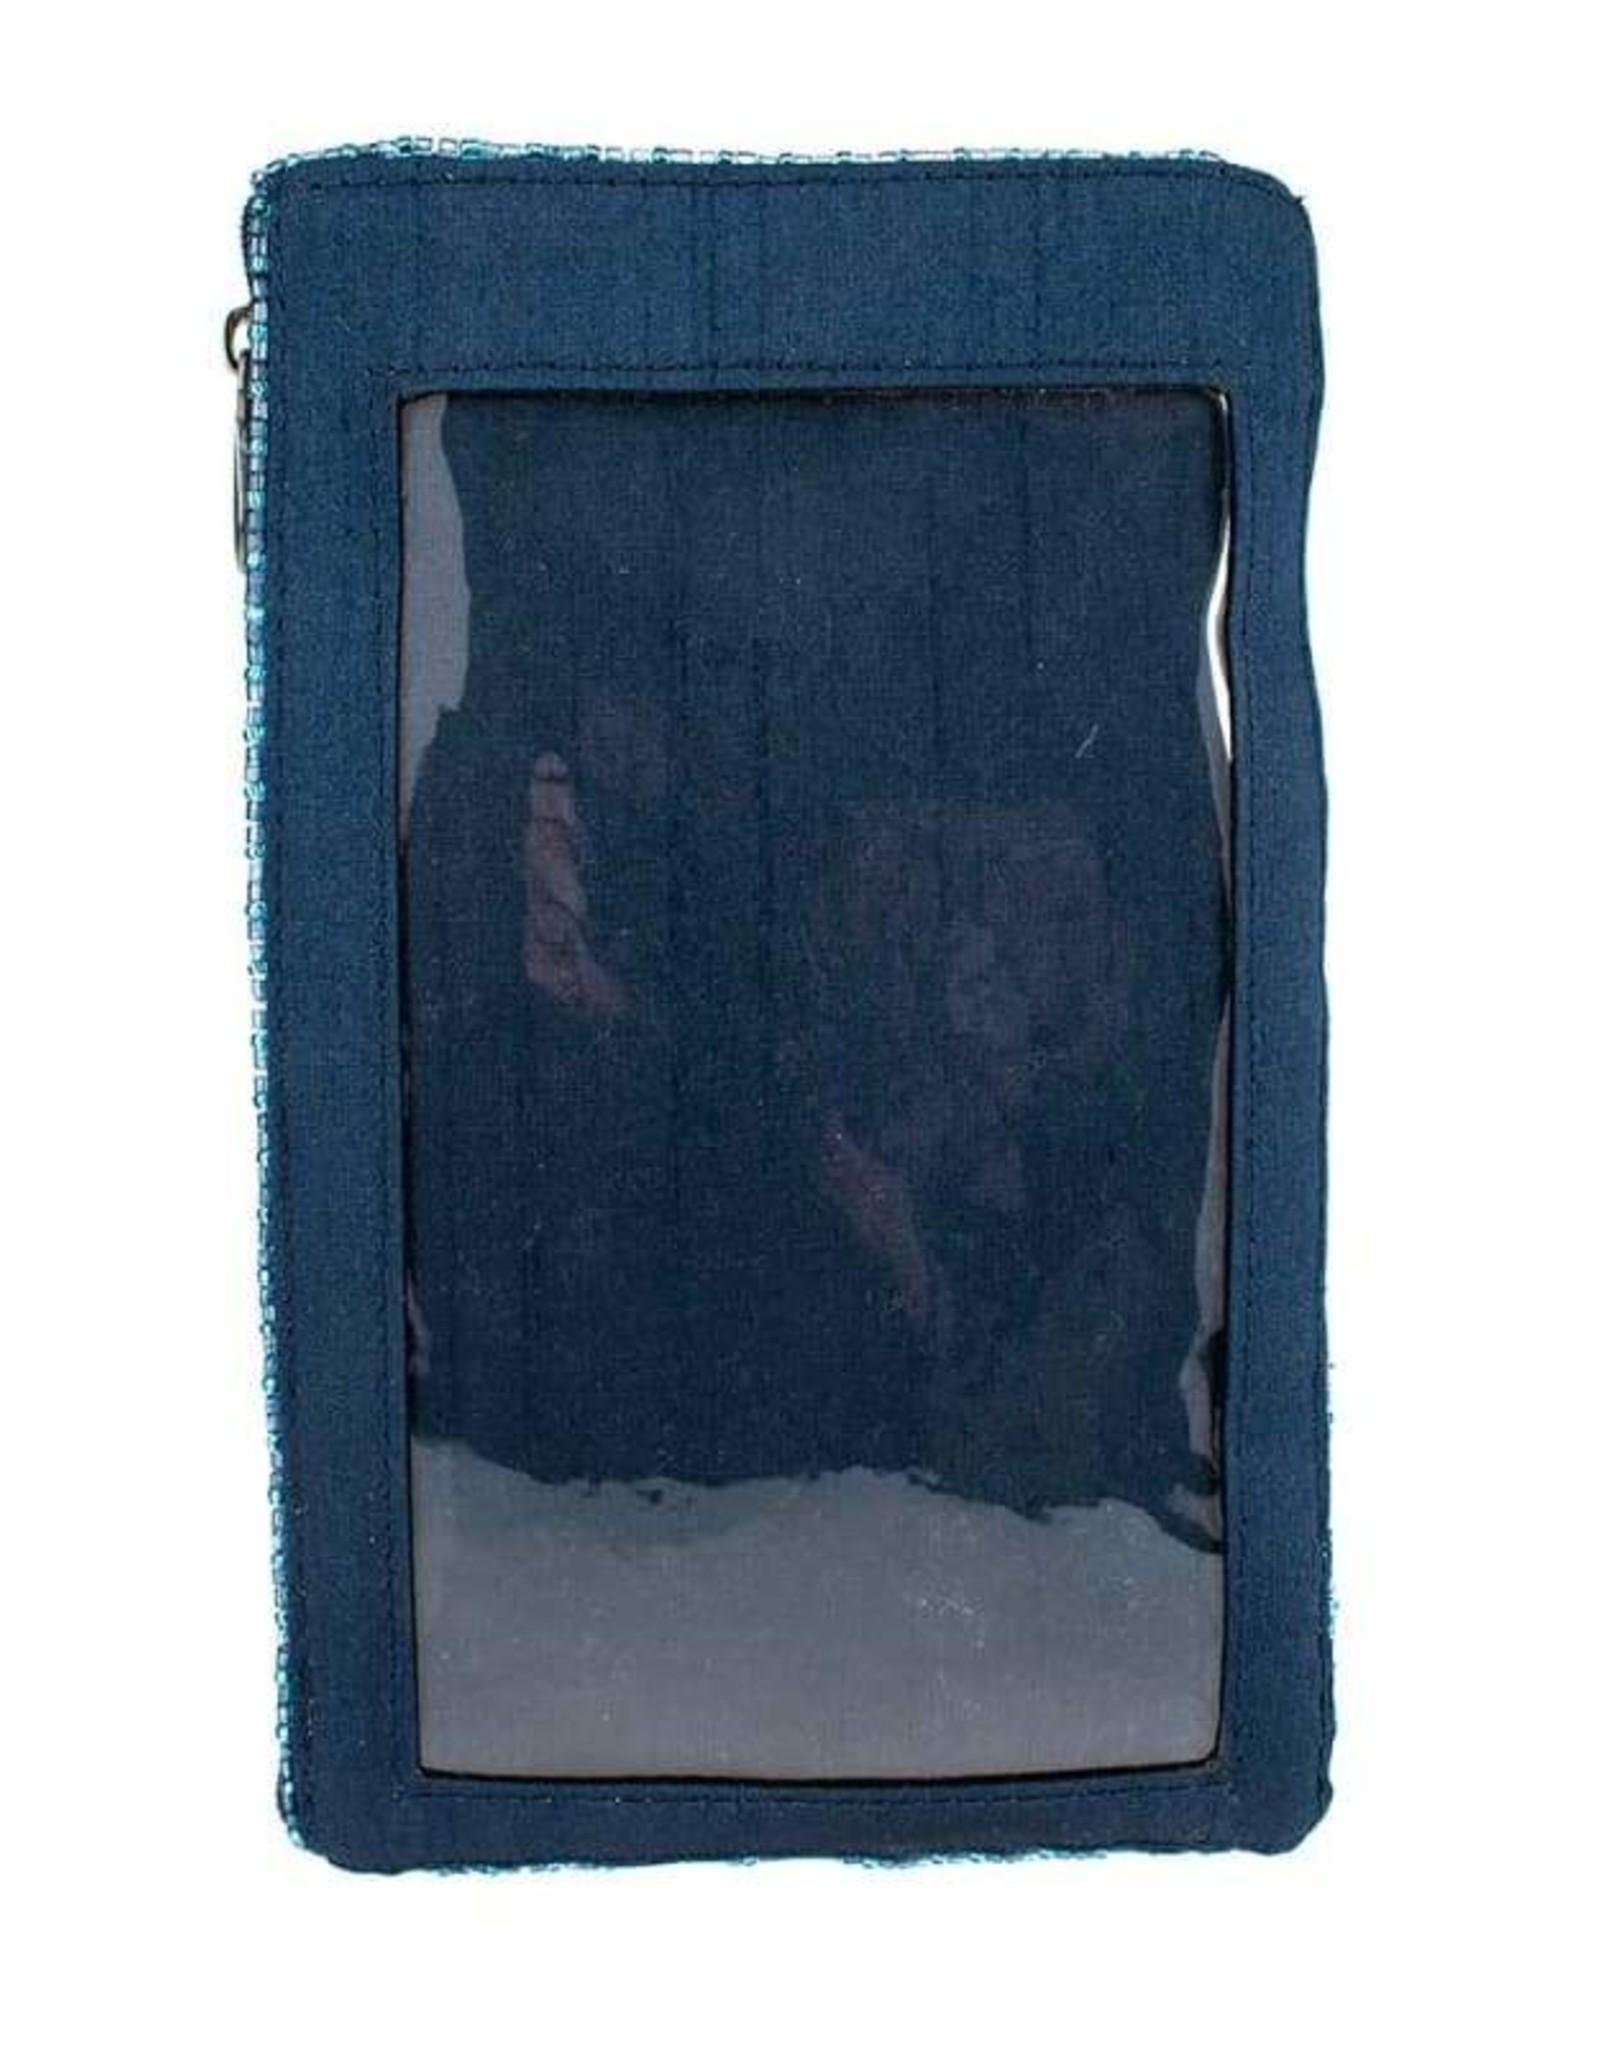 Mary Frances Mary Frances Phone Crossbody Bag CELESTIAL